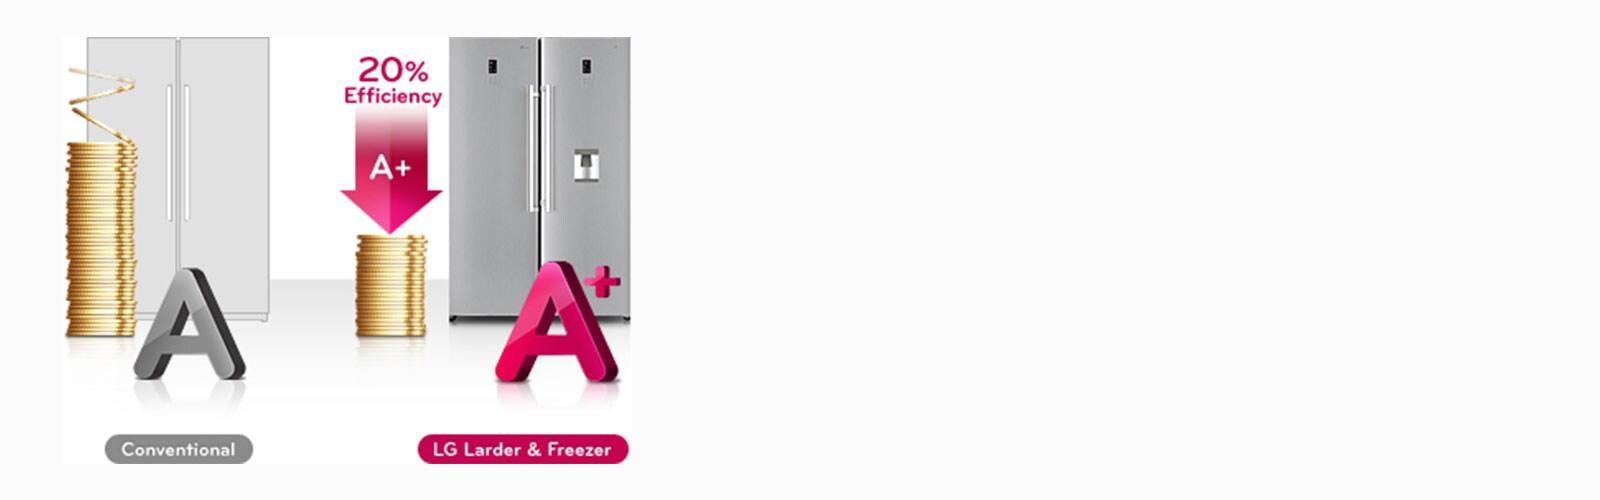 D04_lg-refrigerator-lansen-feature_Energy_Saving_D